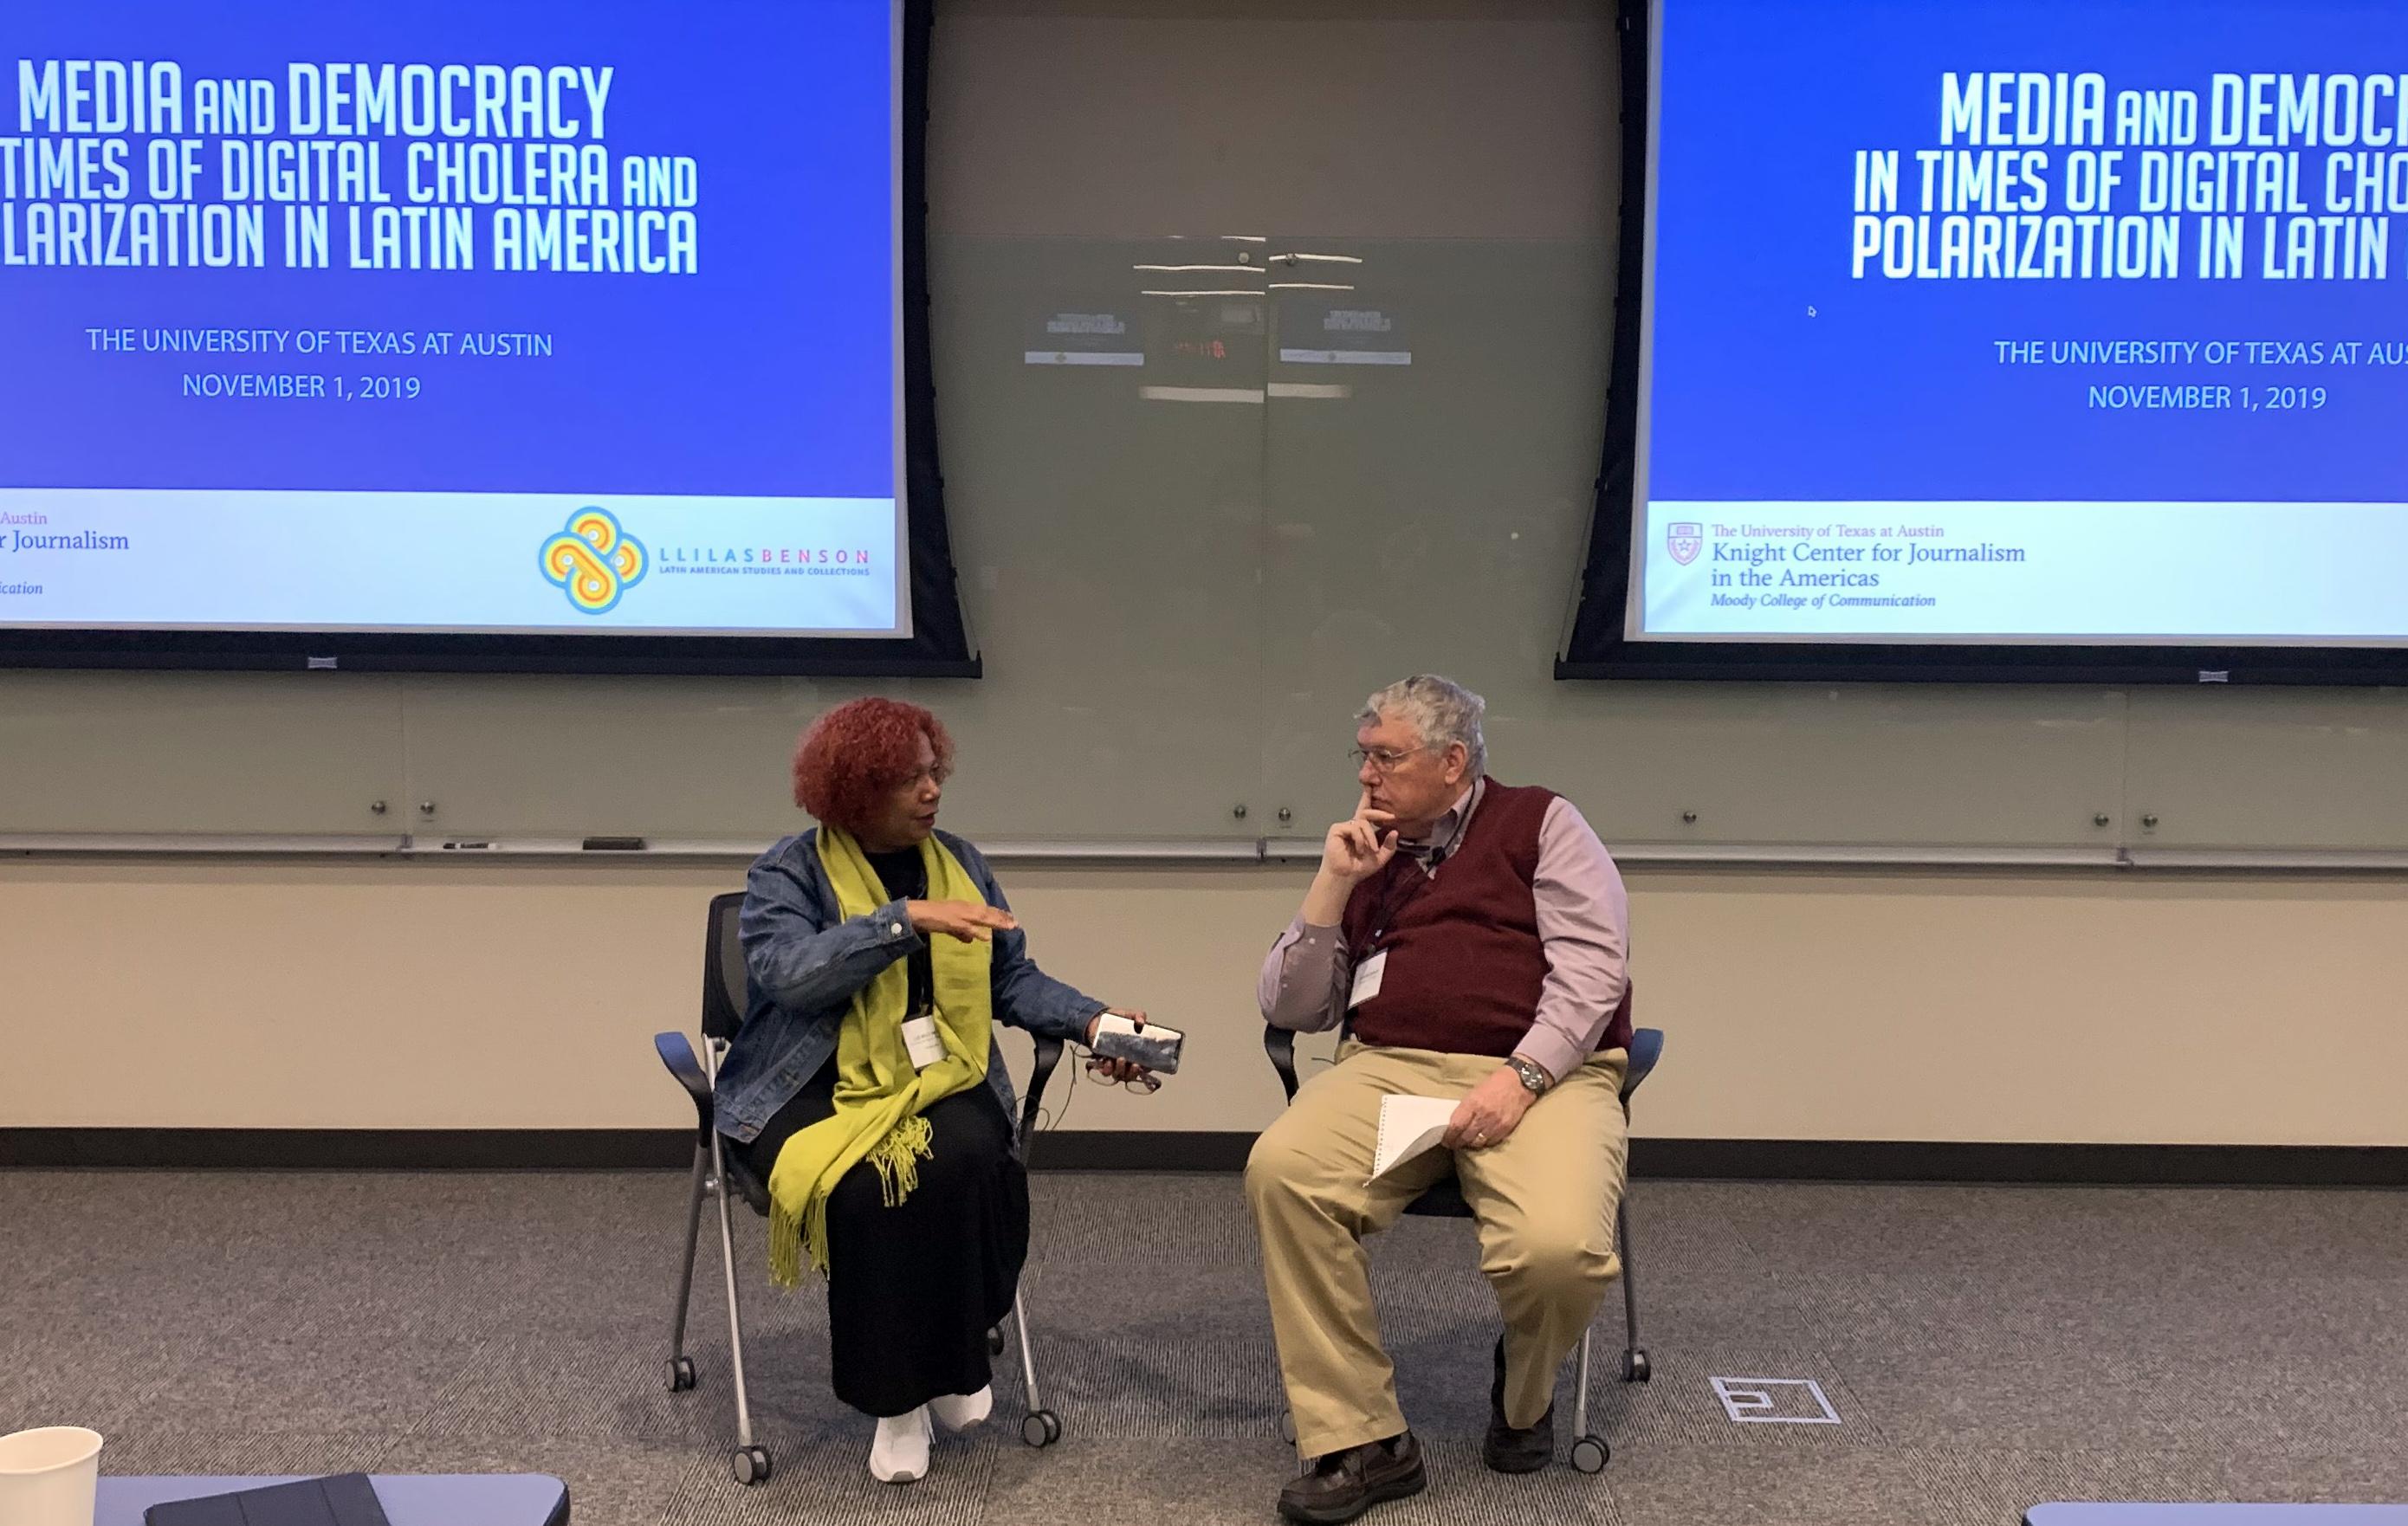 """Luz Mely Reyes e Joe Straubaar durante o evento """"Mídia e Democracia em Tempos de Cólera e Polarização Digital na América Latina"""" (Teresa Mioli/Centro Knight)"""